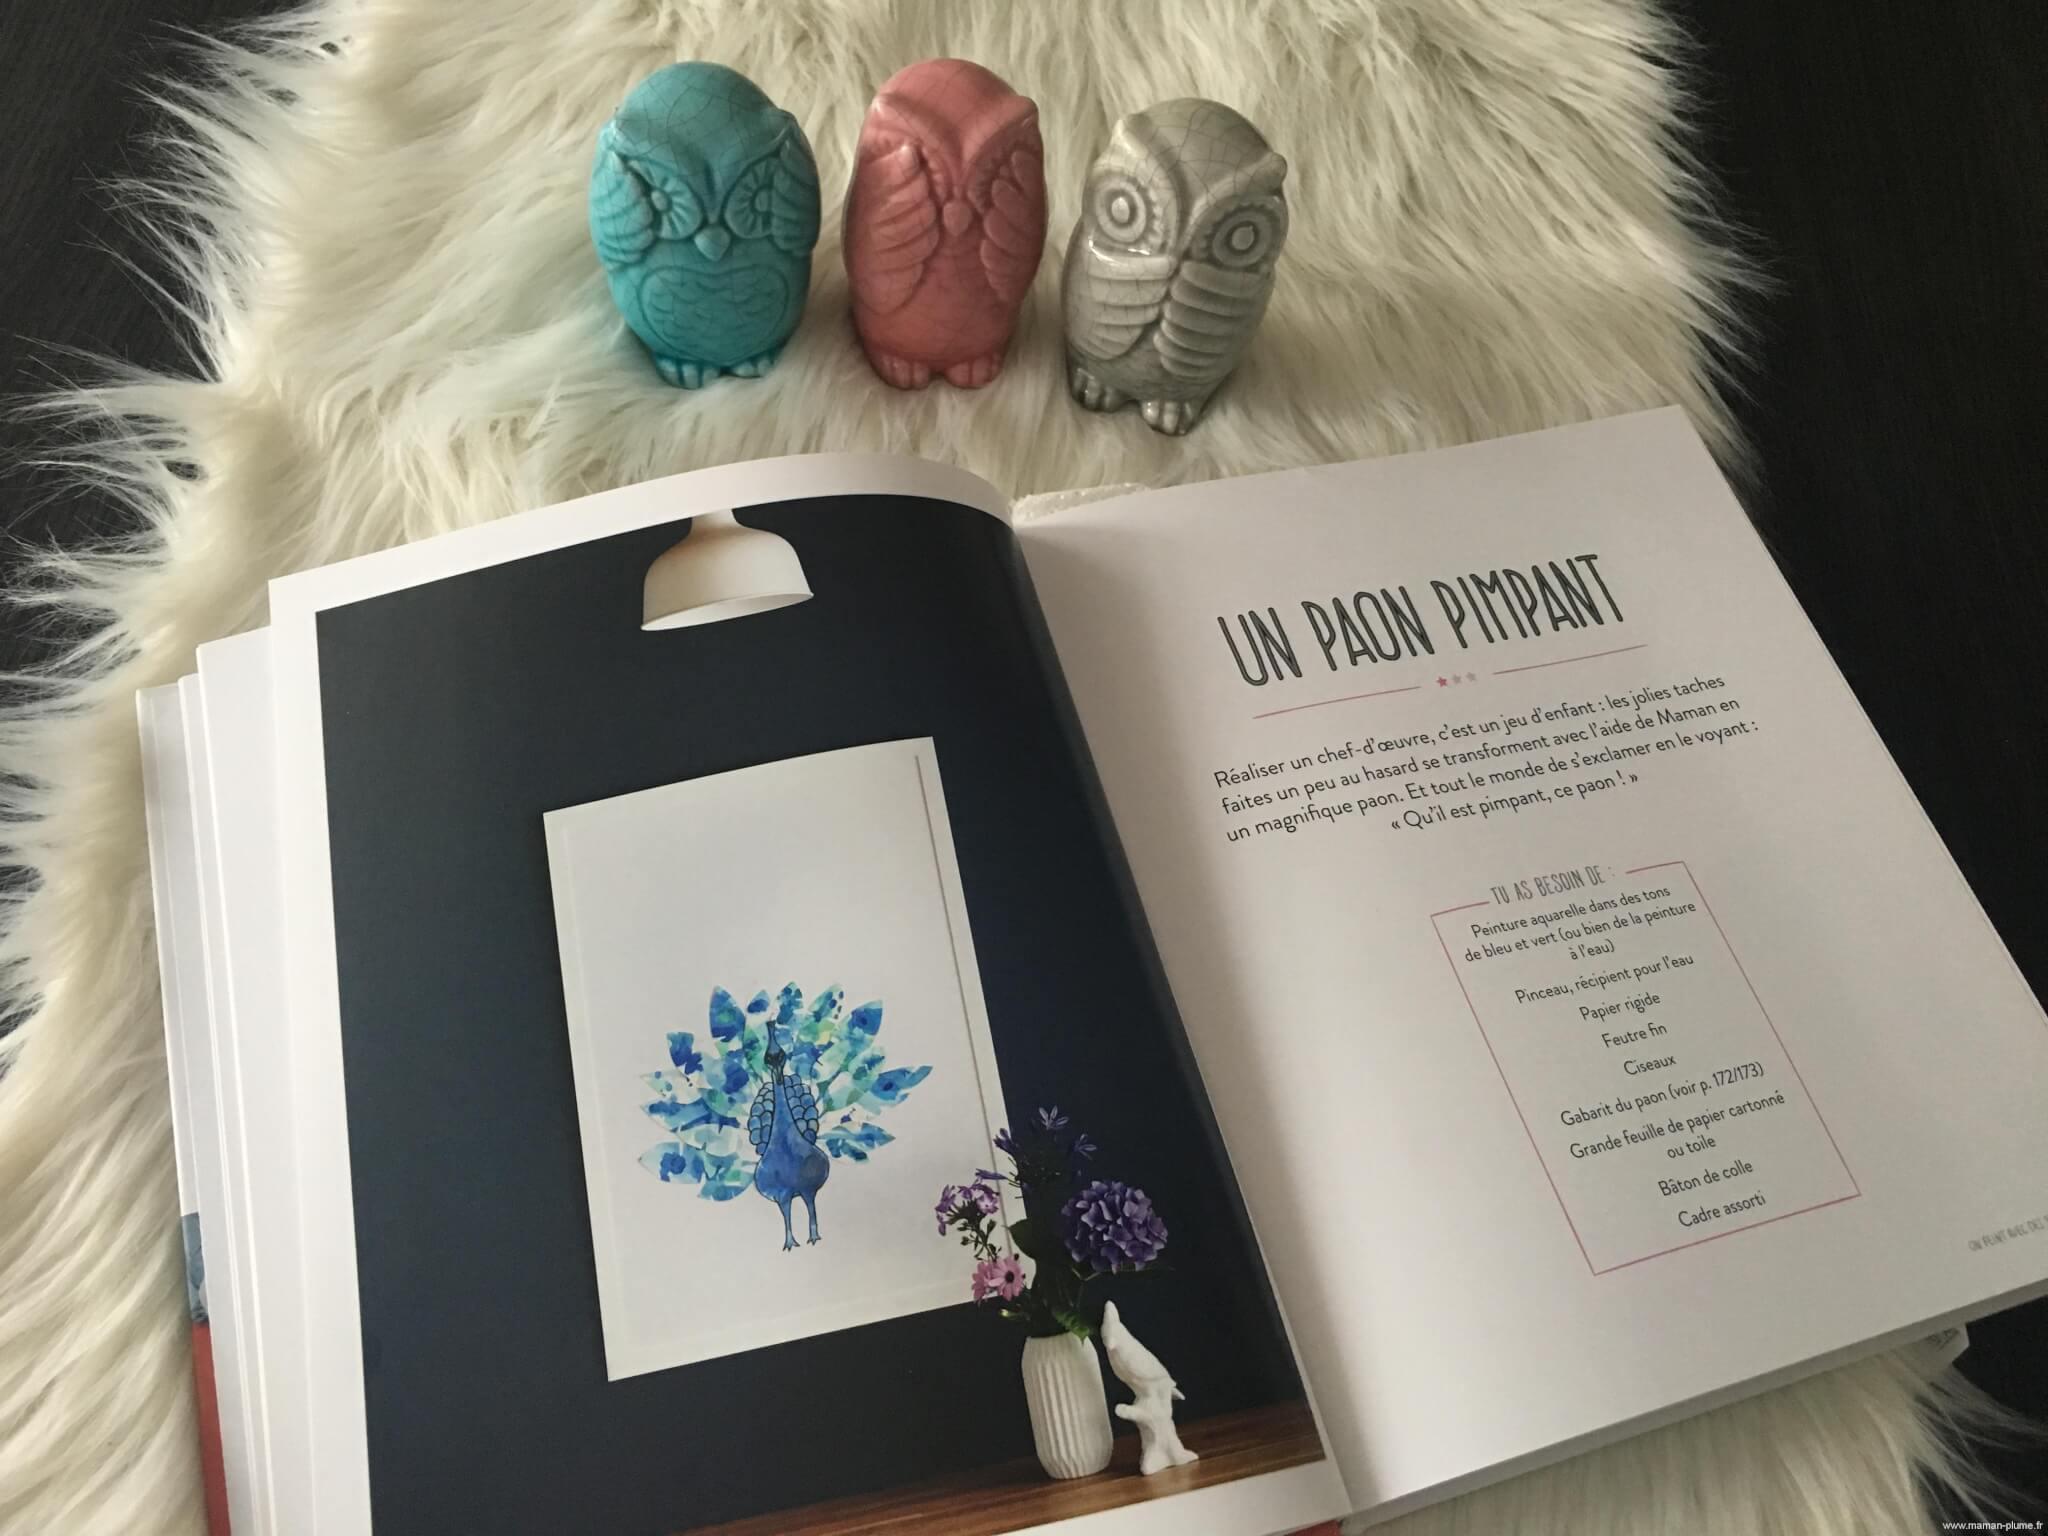 30 activités pour artistes en herbe, mon livre coup de coeur !